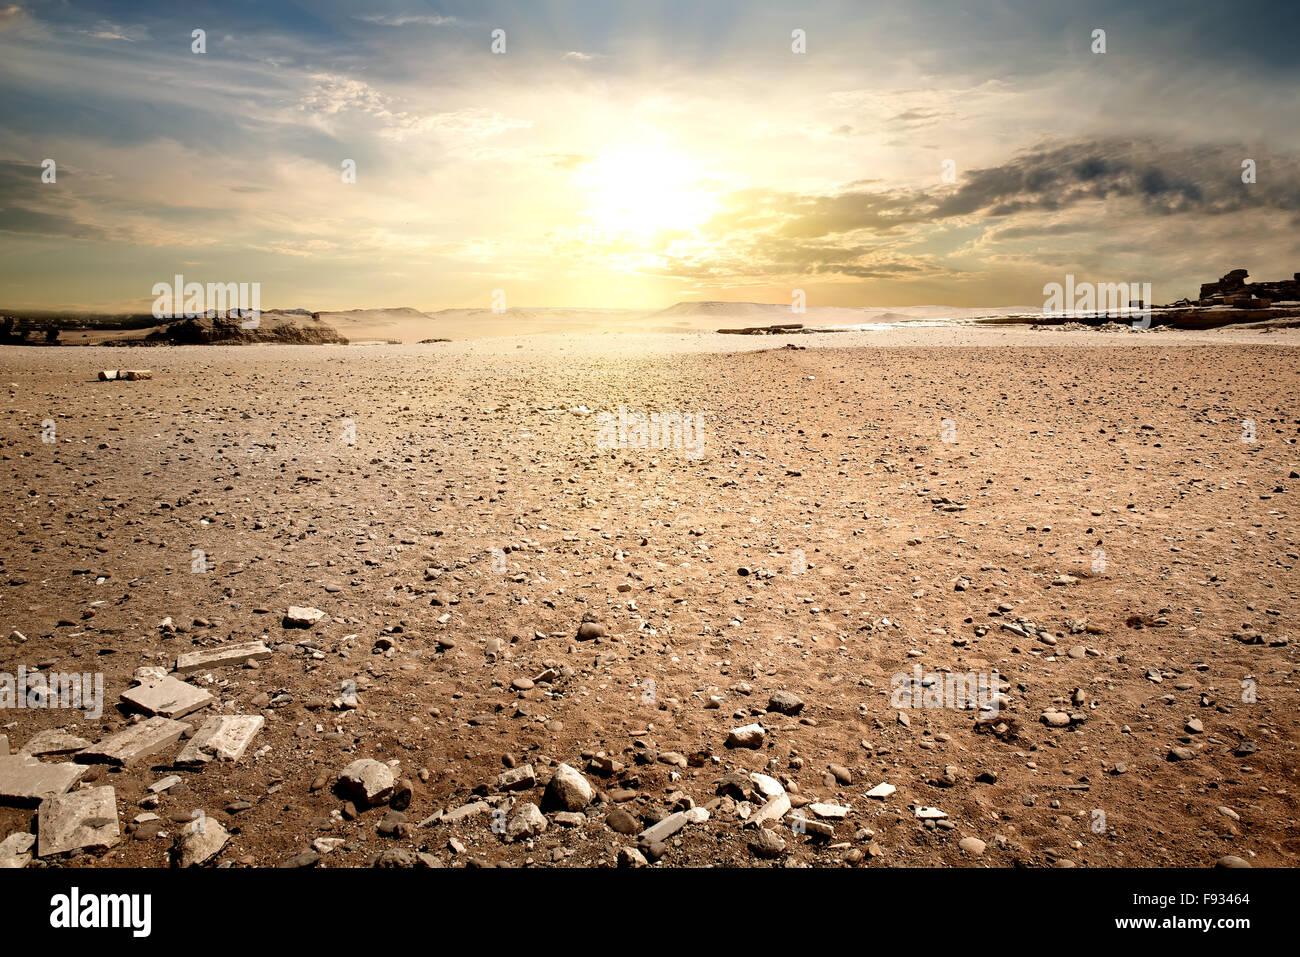 Cielo nuvoloso nel deserto pietroso di Egitto Immagini Stock